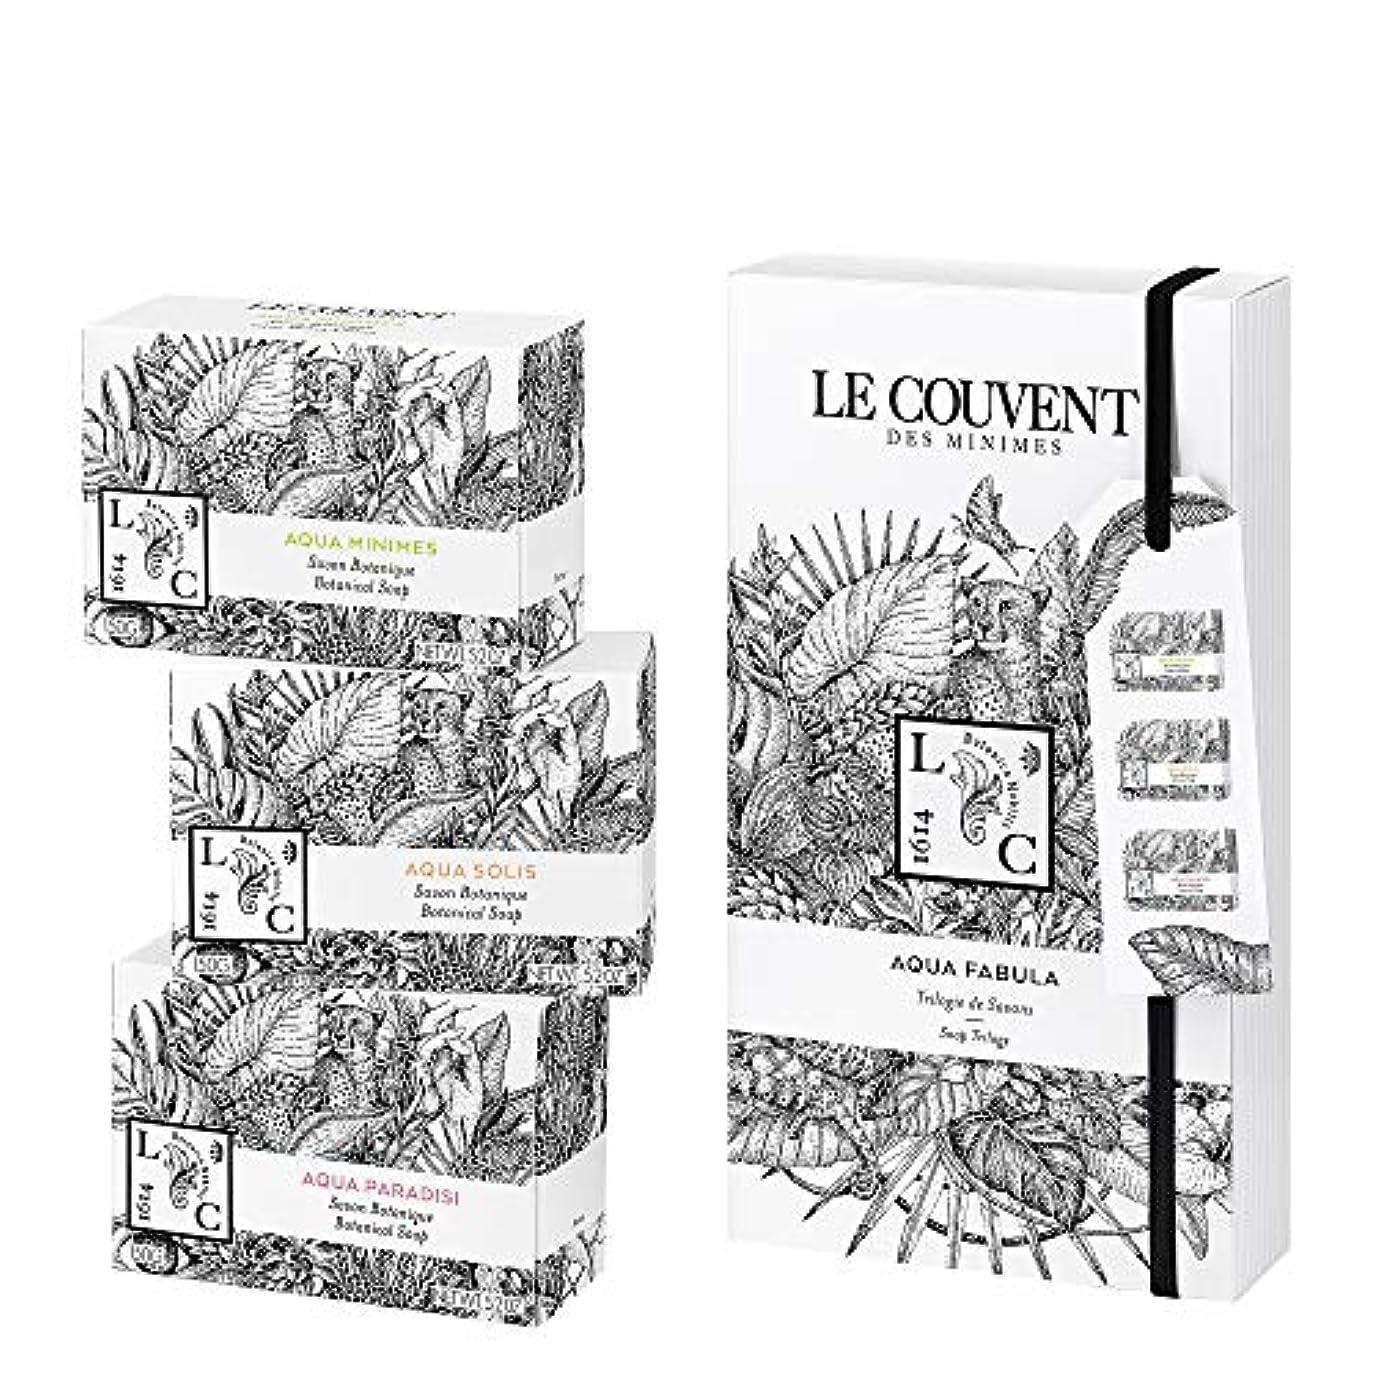 尊厳州定義クヴォン?デ?ミニム(Le Couvent des Minimes) 【クヴォン?デ?ミニム】ボタニカルソープ ブックセット 150g